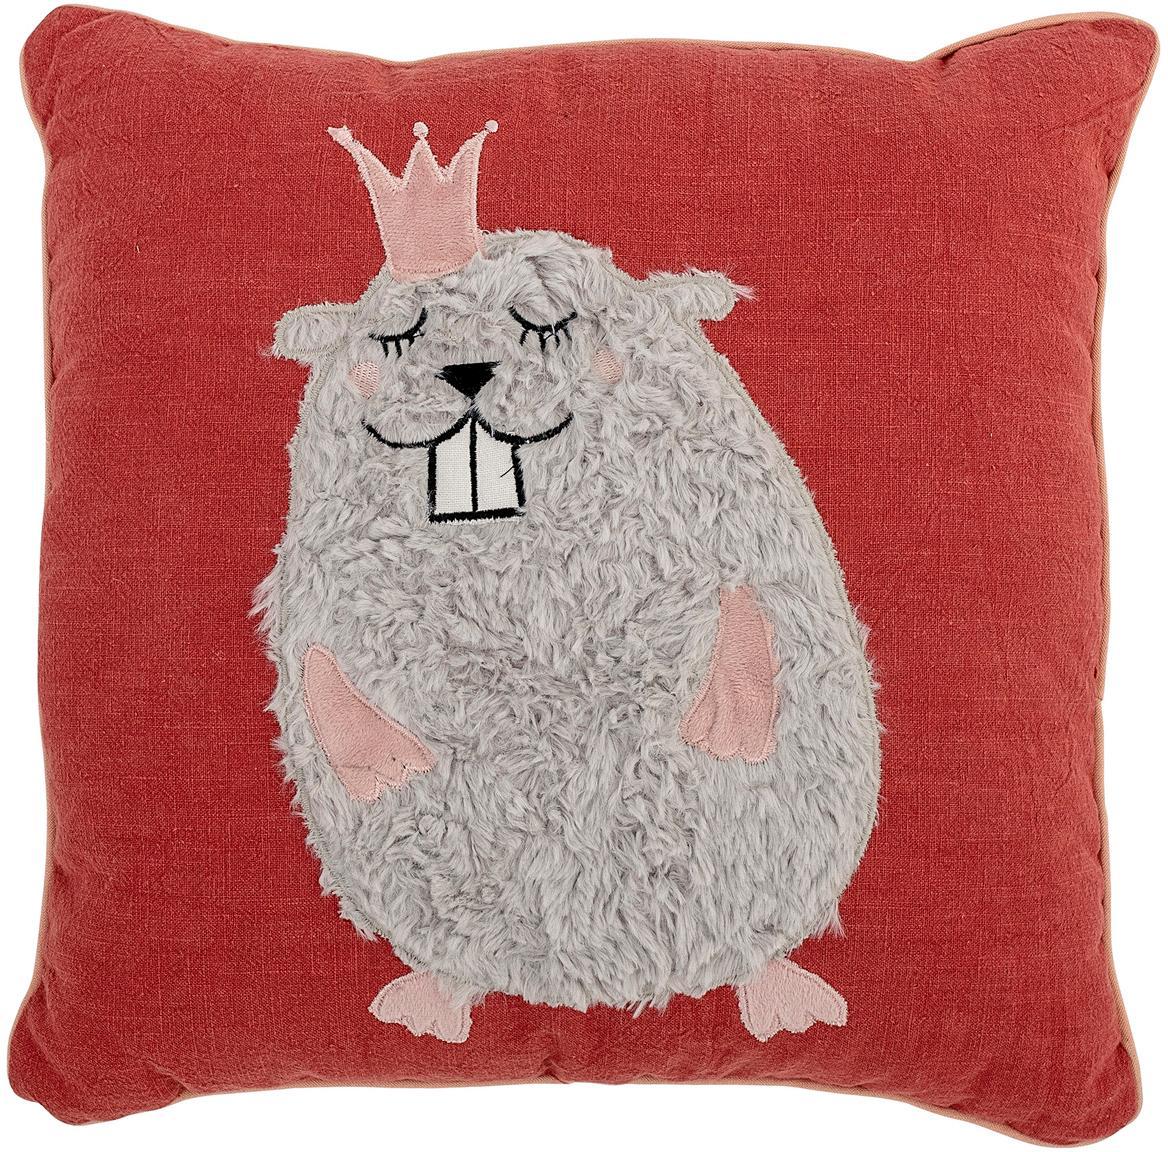 Cuscino reversibile Hamster, Rivestimento: 70% cotone, 30% poliester, Rosso, grigio, salmone, Larg. 40 x Lung. 40 cm